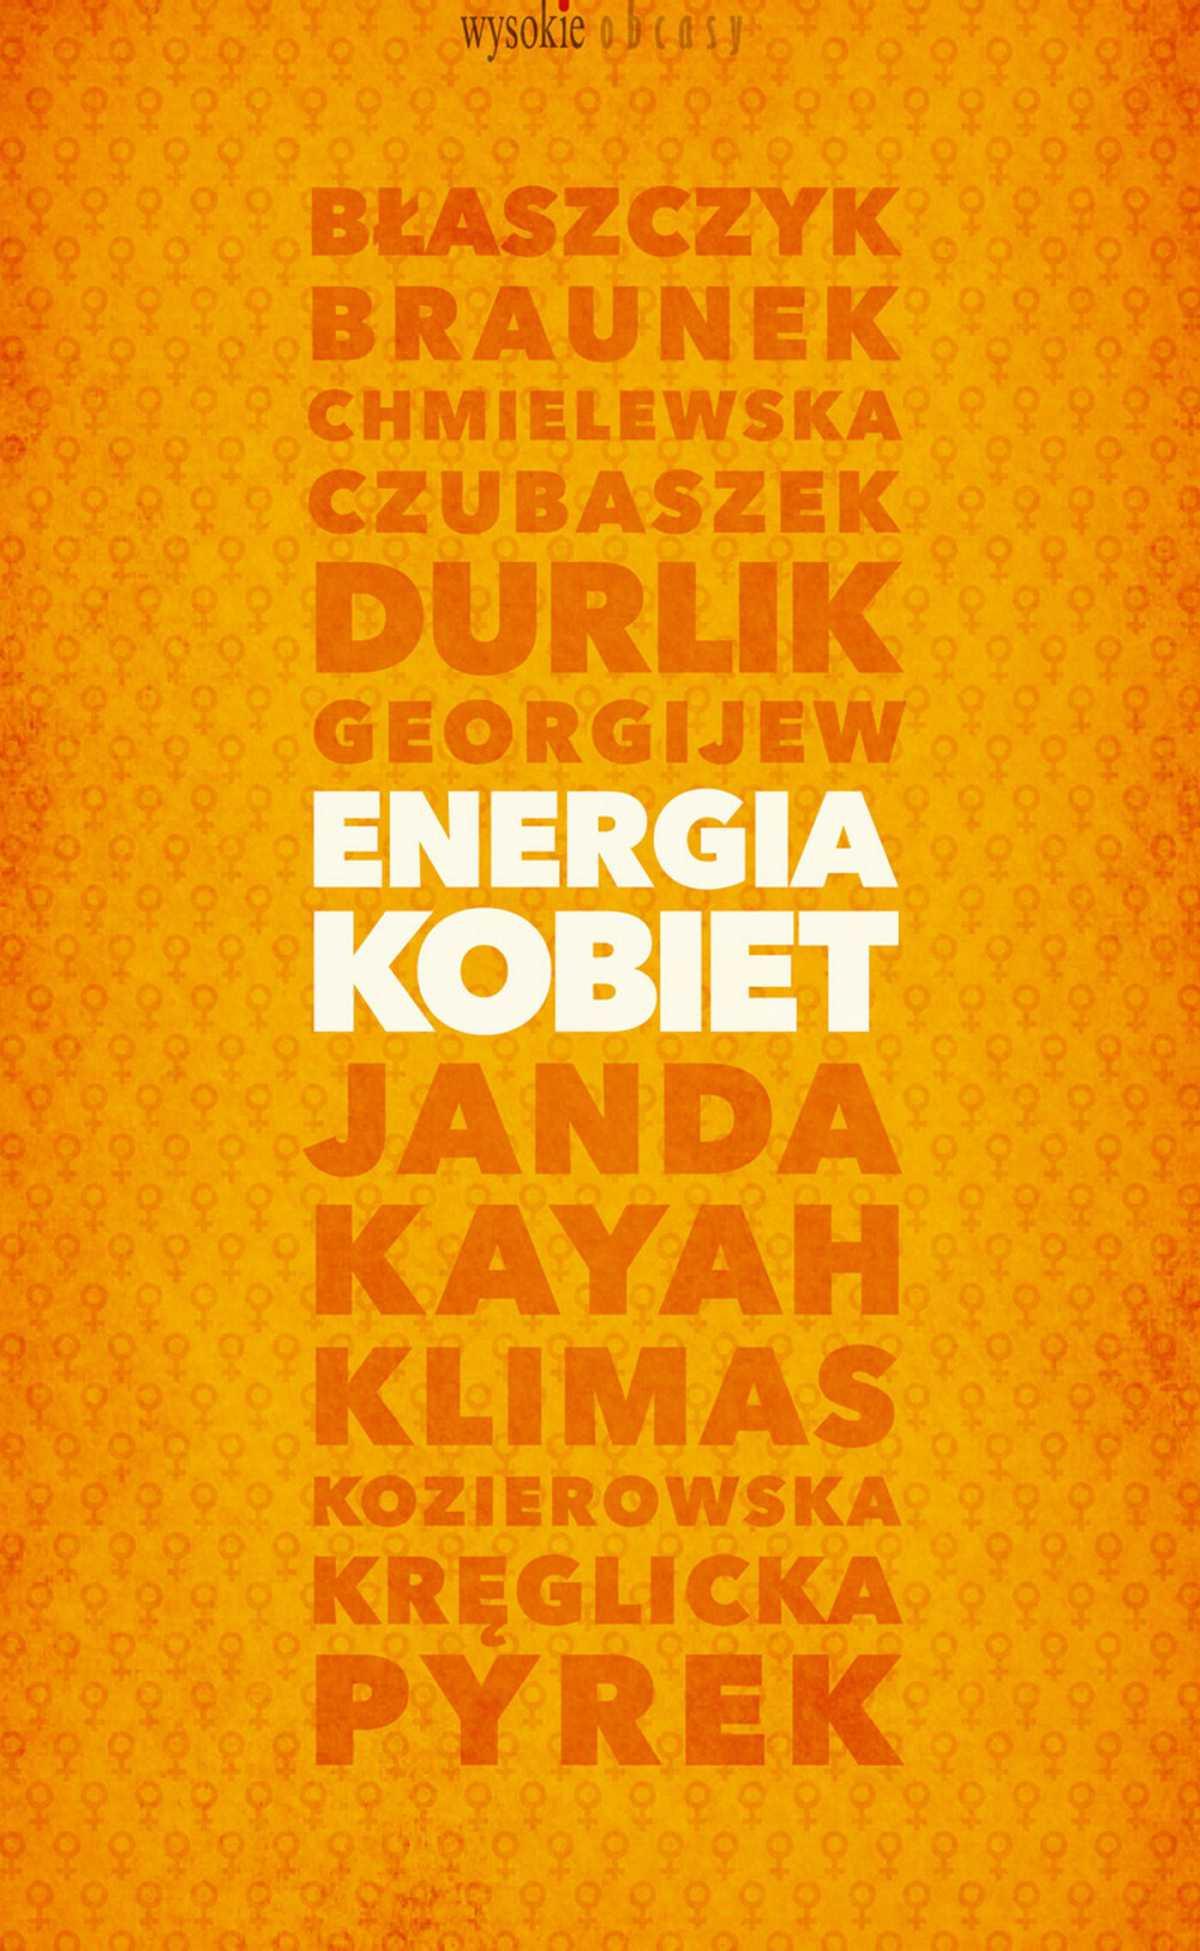 Energia kobiet - Ebook (Książka na Kindle) do pobrania w formacie MOBI